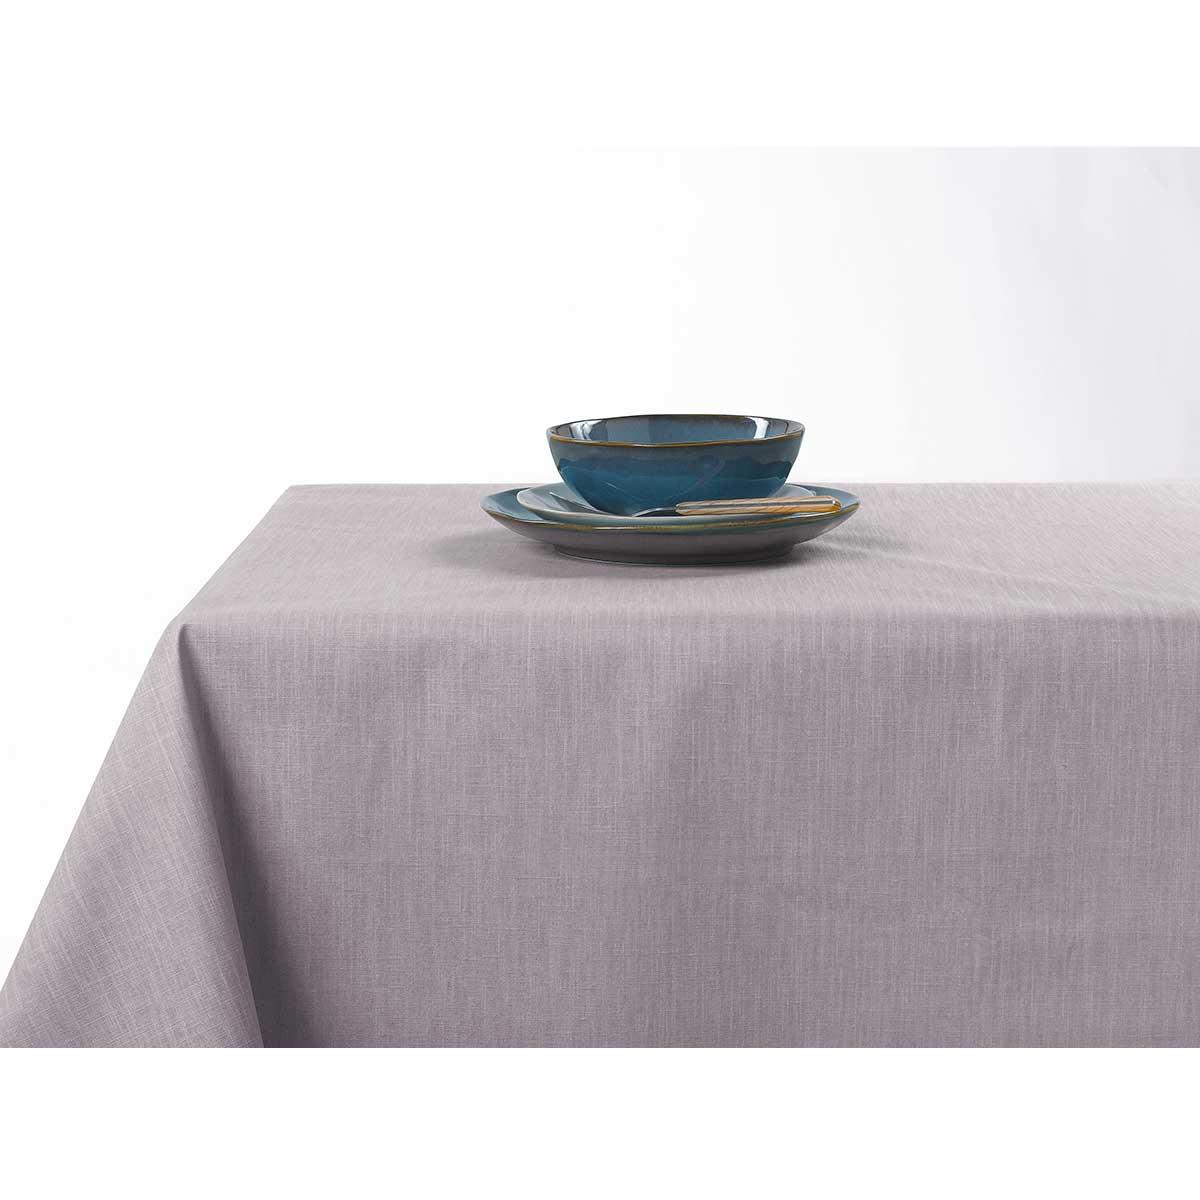 Nappe enduite anti taches aux couleurs acidulées - Gris clair - 150 x 200 cm